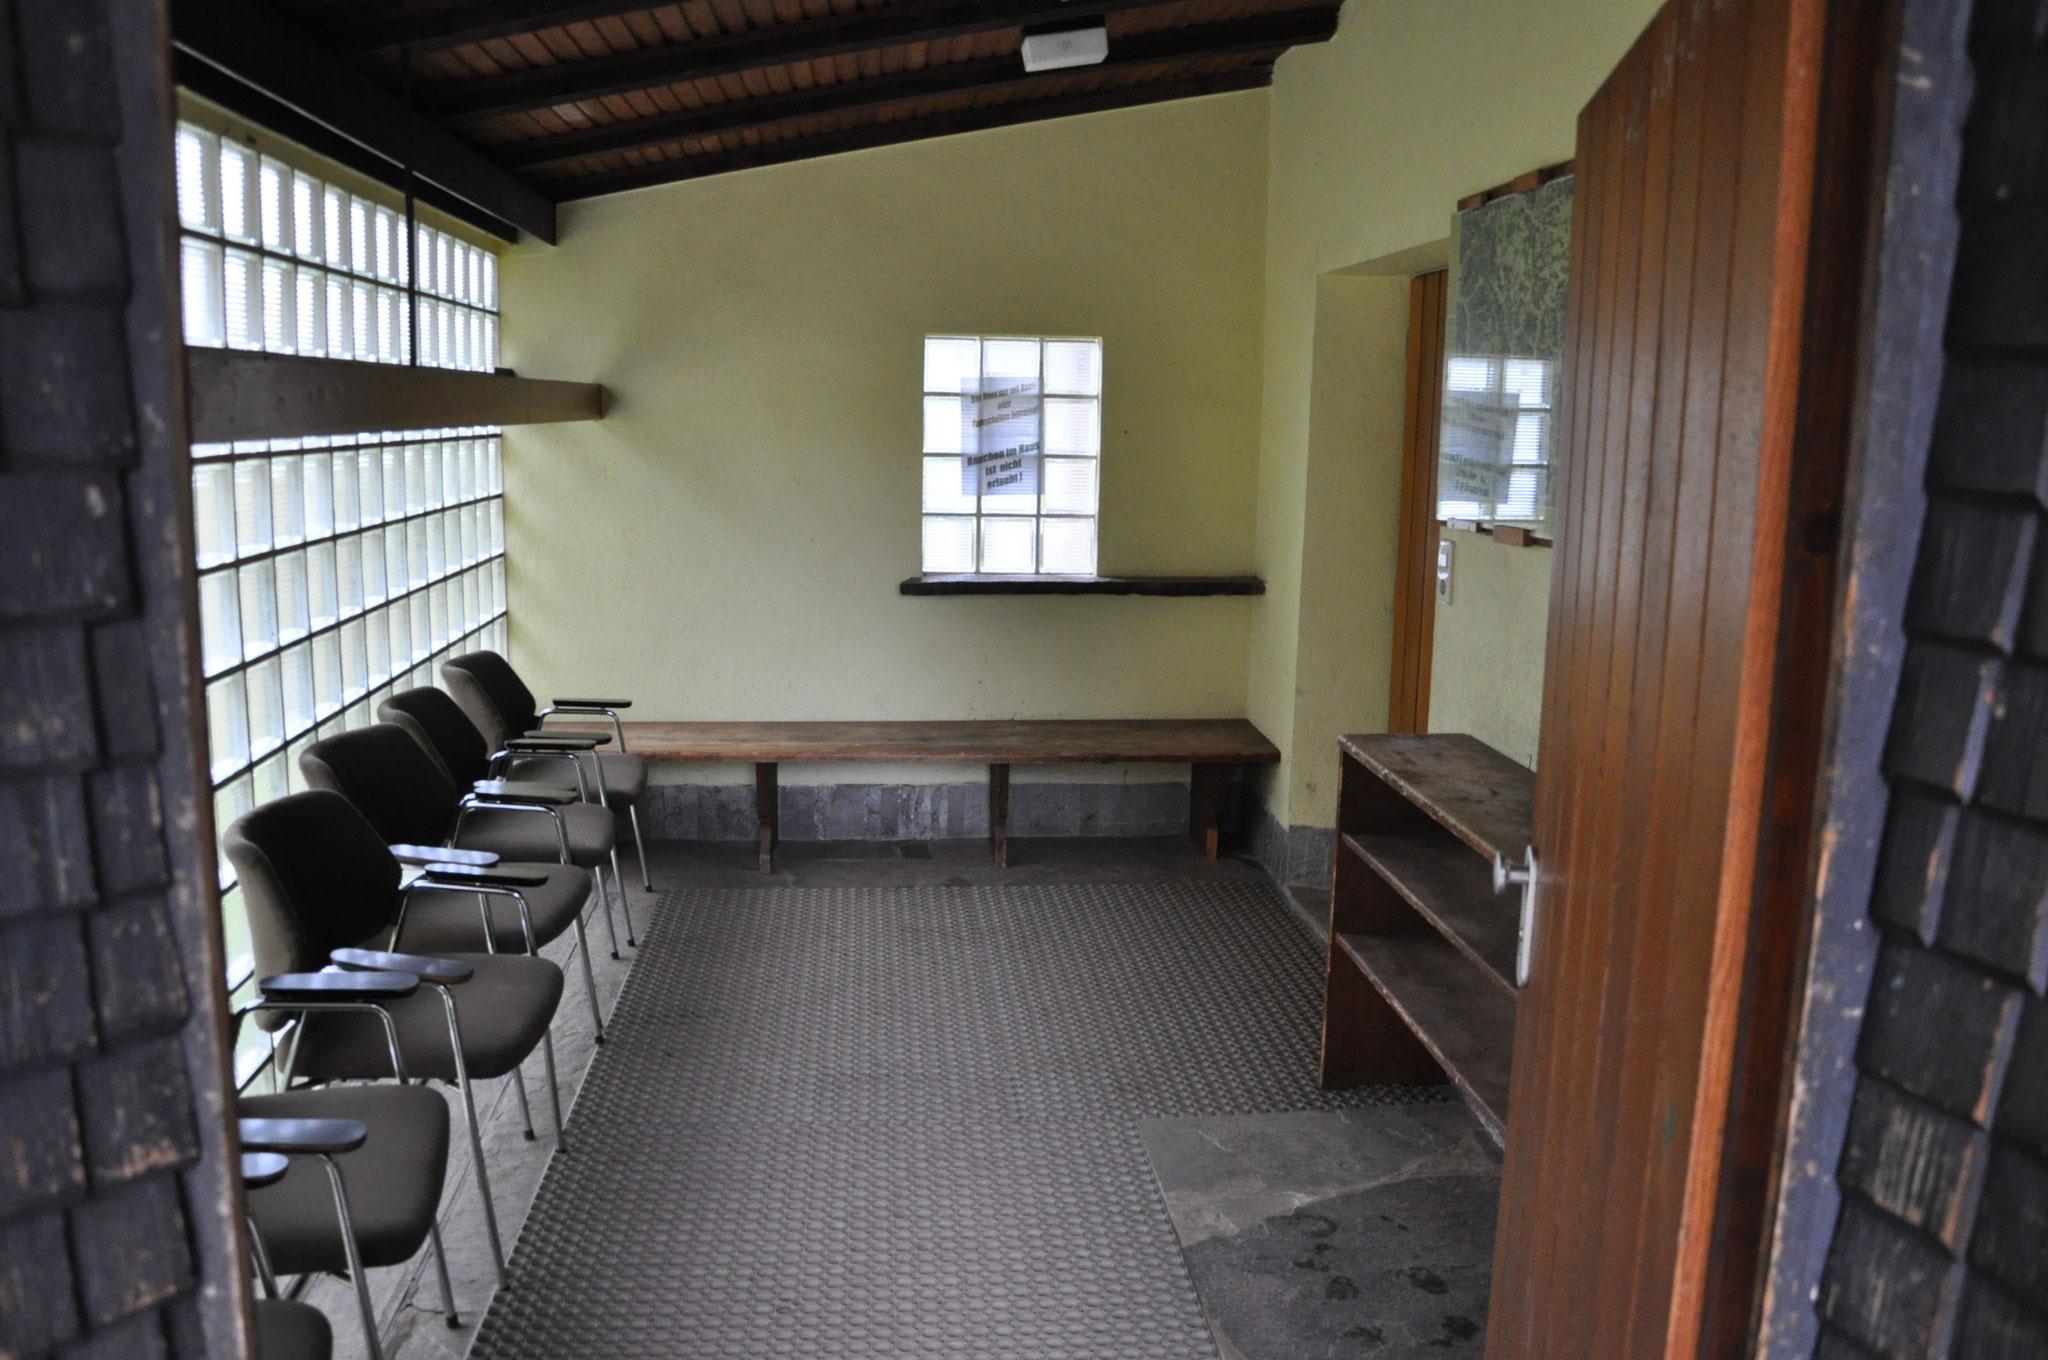 Eingang mit Vorraum/Schuhwechselbereich